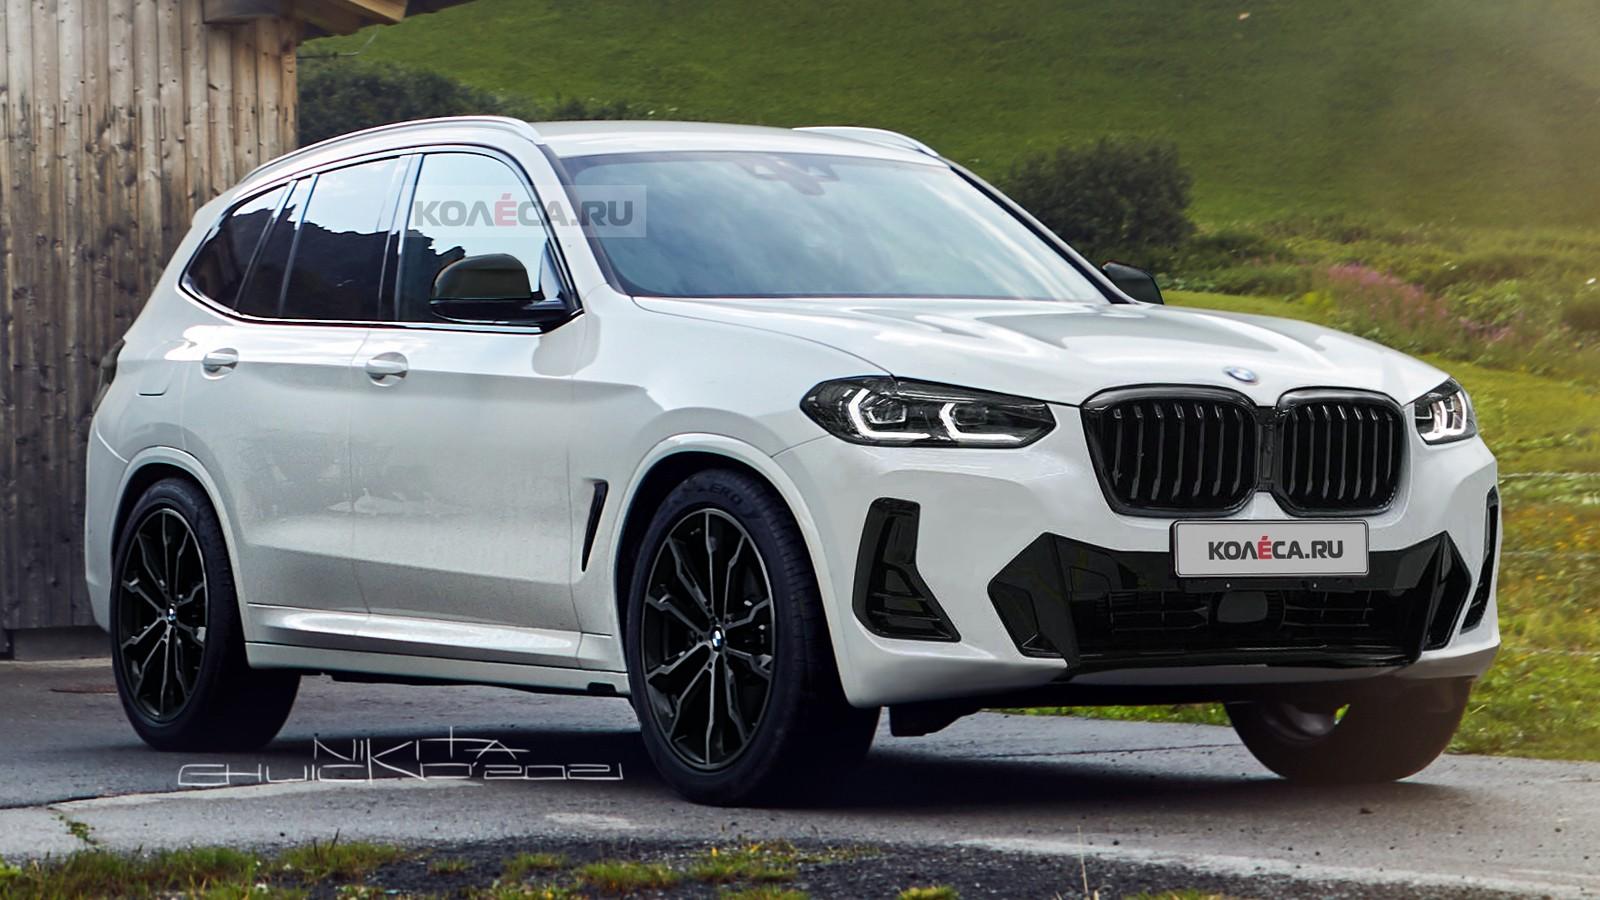 Рестайлинг BMW X3 (G01): новые изображения